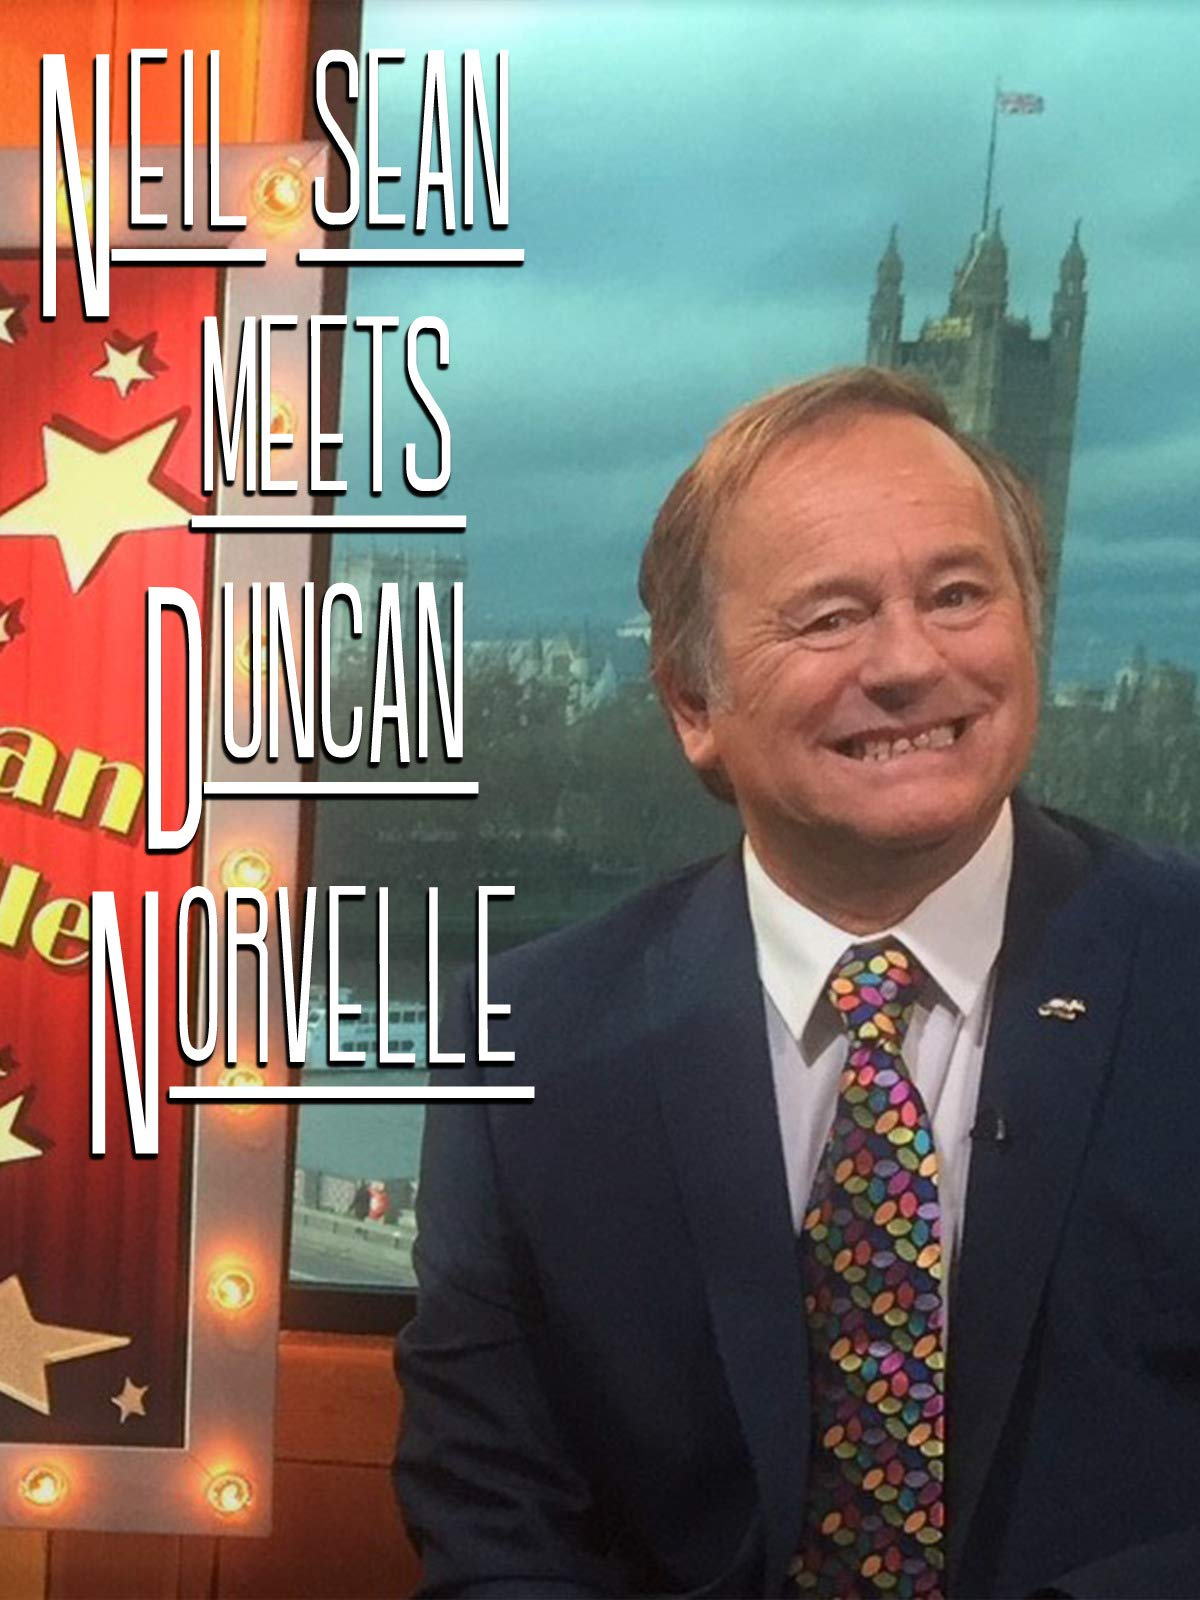 Neil Sean meets Duncan Norvelle on Amazon Prime Video UK